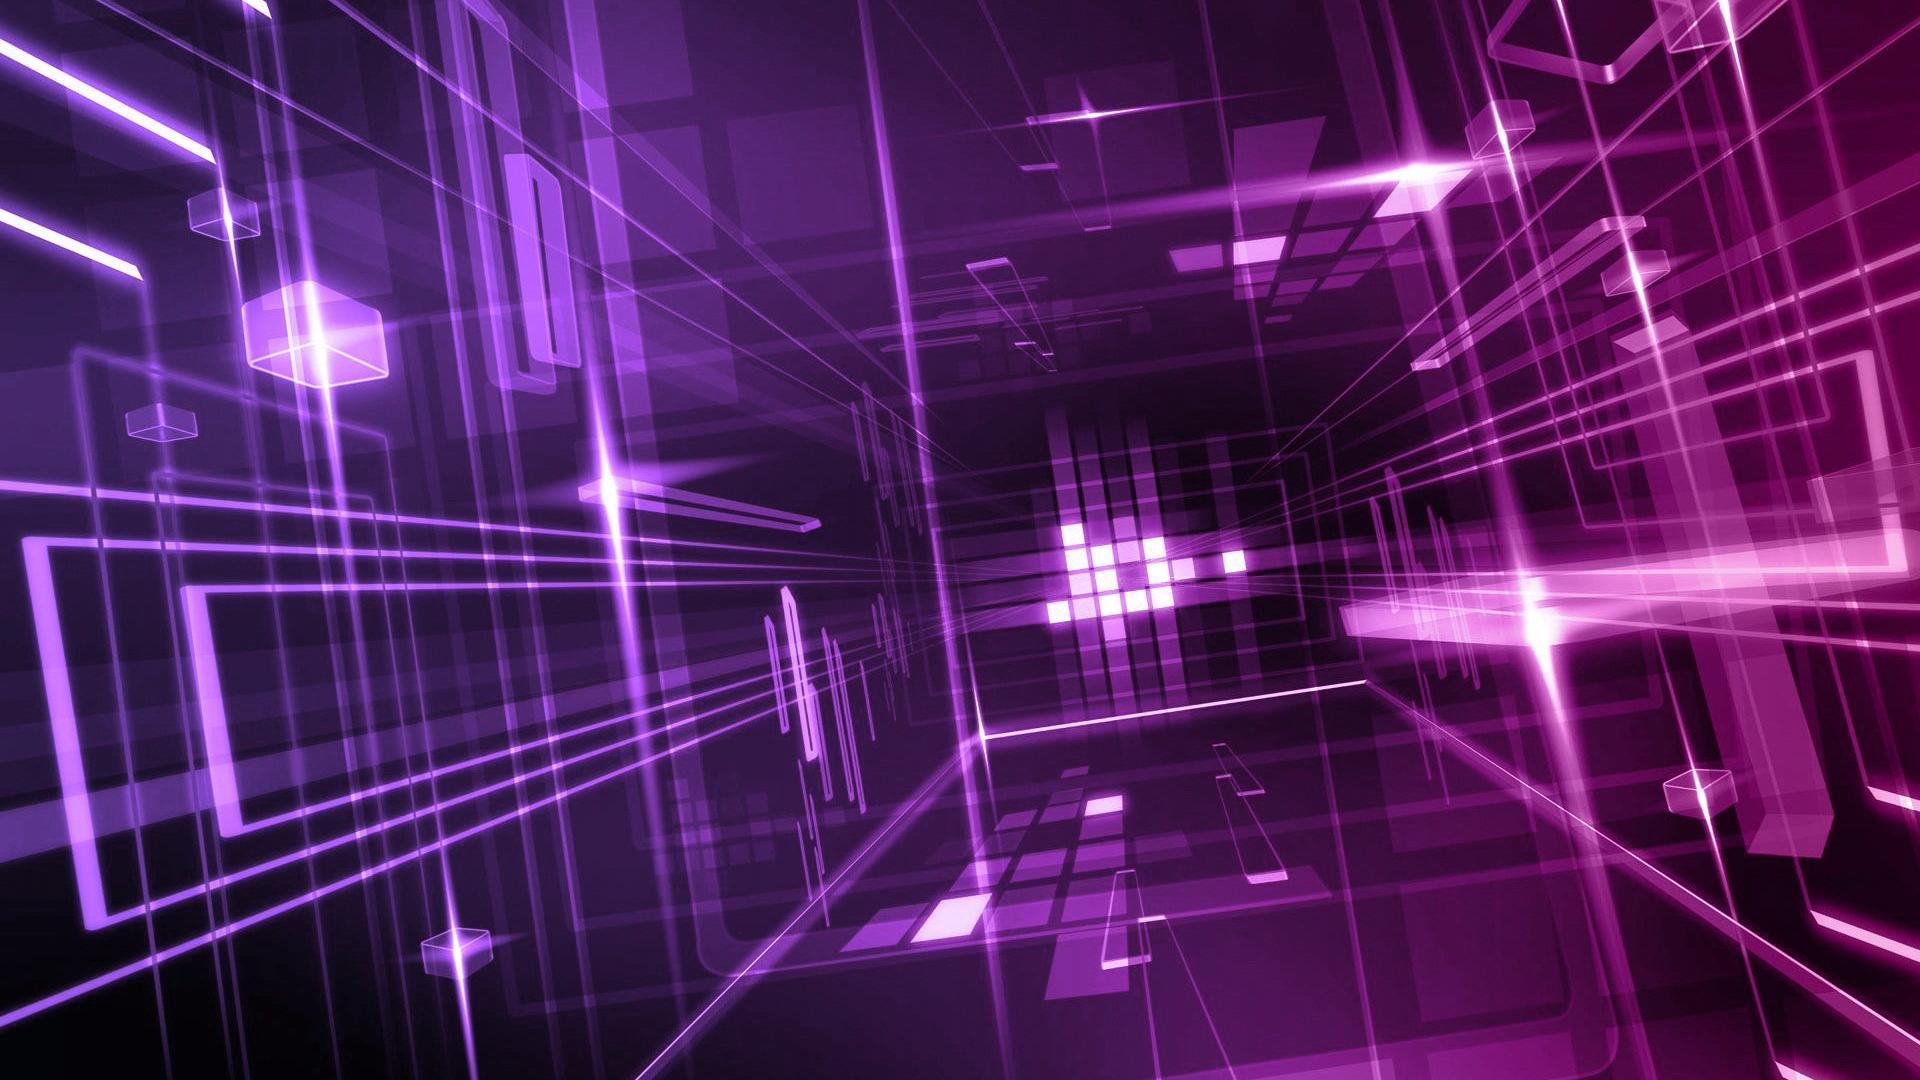 13 3D Design Background Images